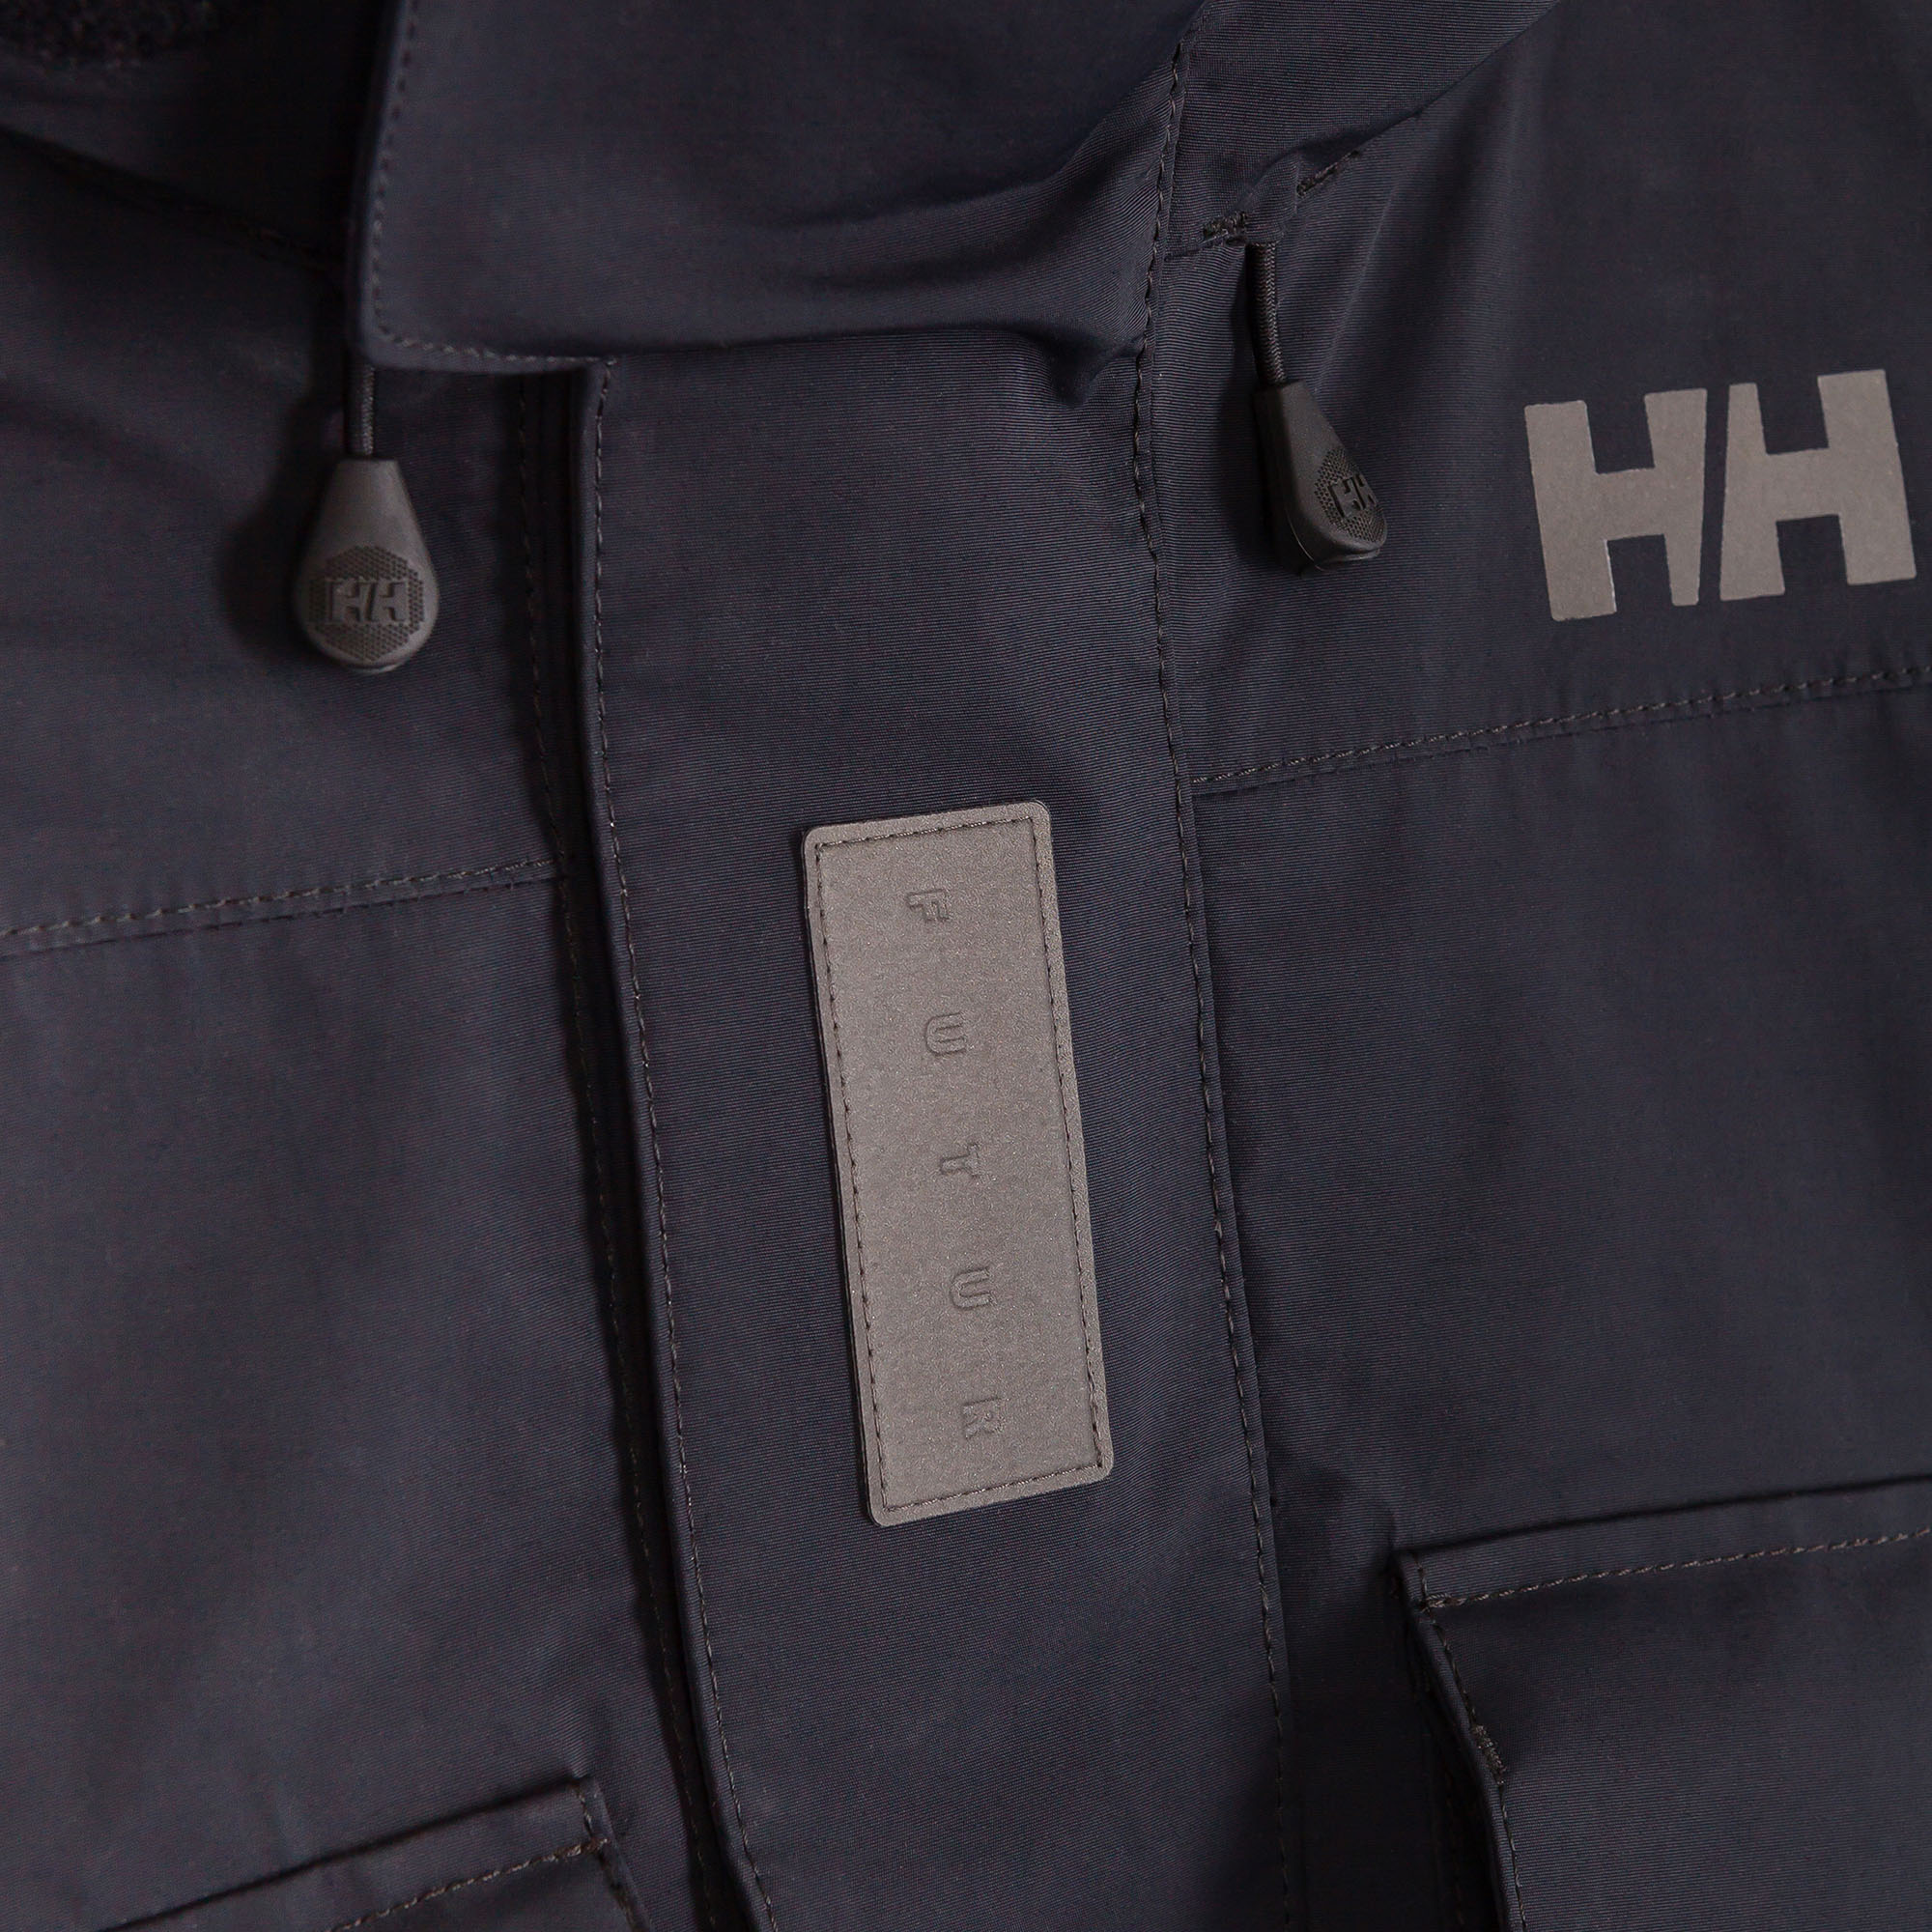 HELLY HANSEN X FUTUR - JACKET - DETAIL 1